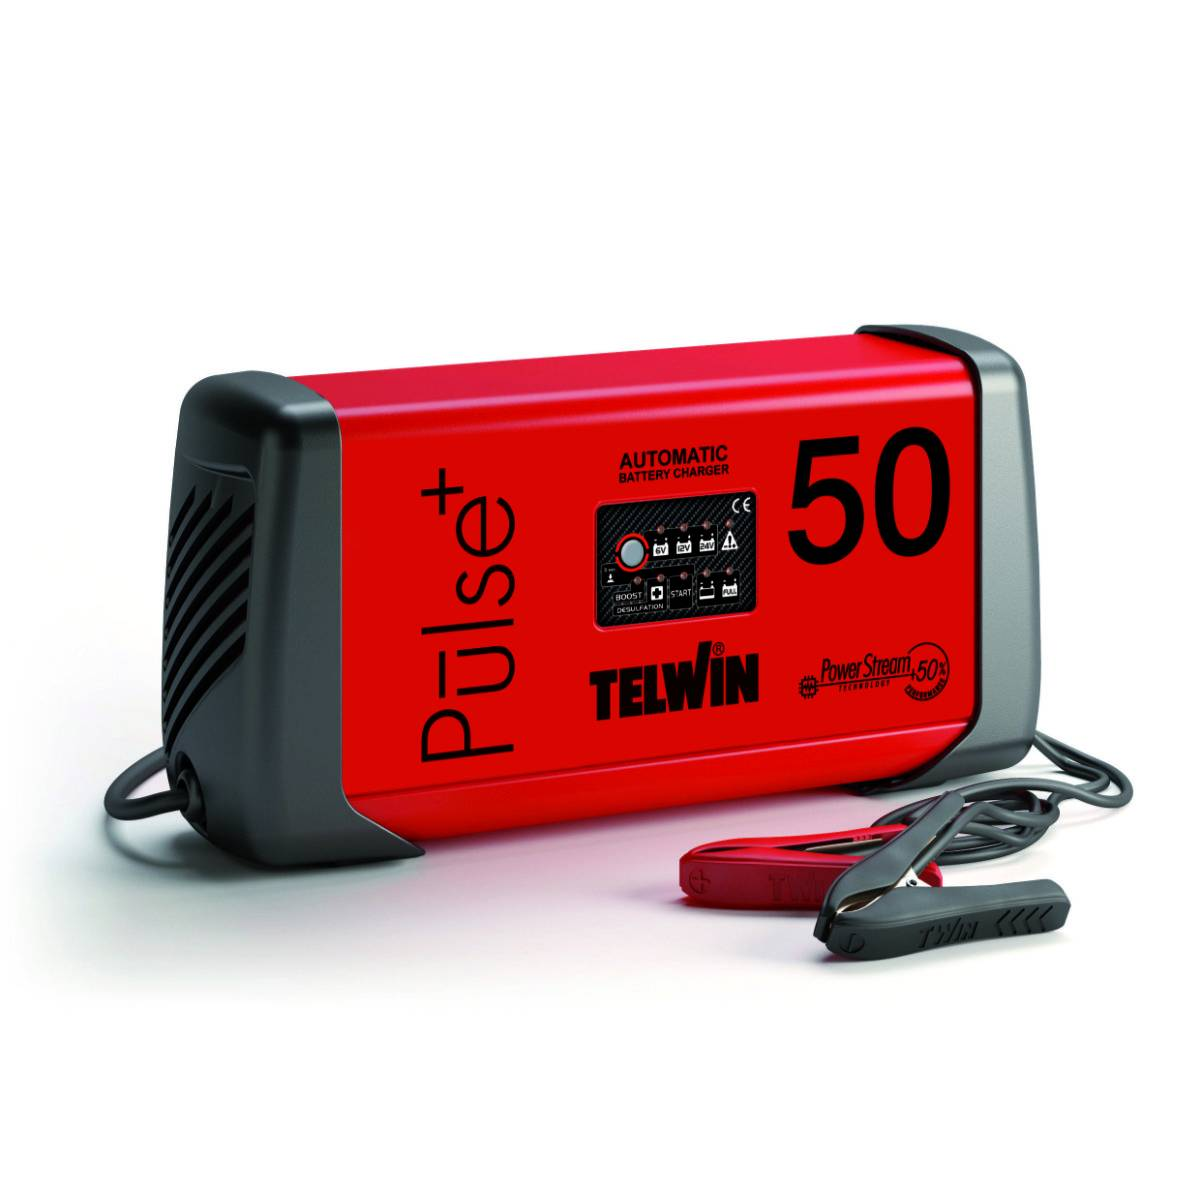 Telwin Caricabatterie multifunzione  PULSE 50 230V 6-12-24V